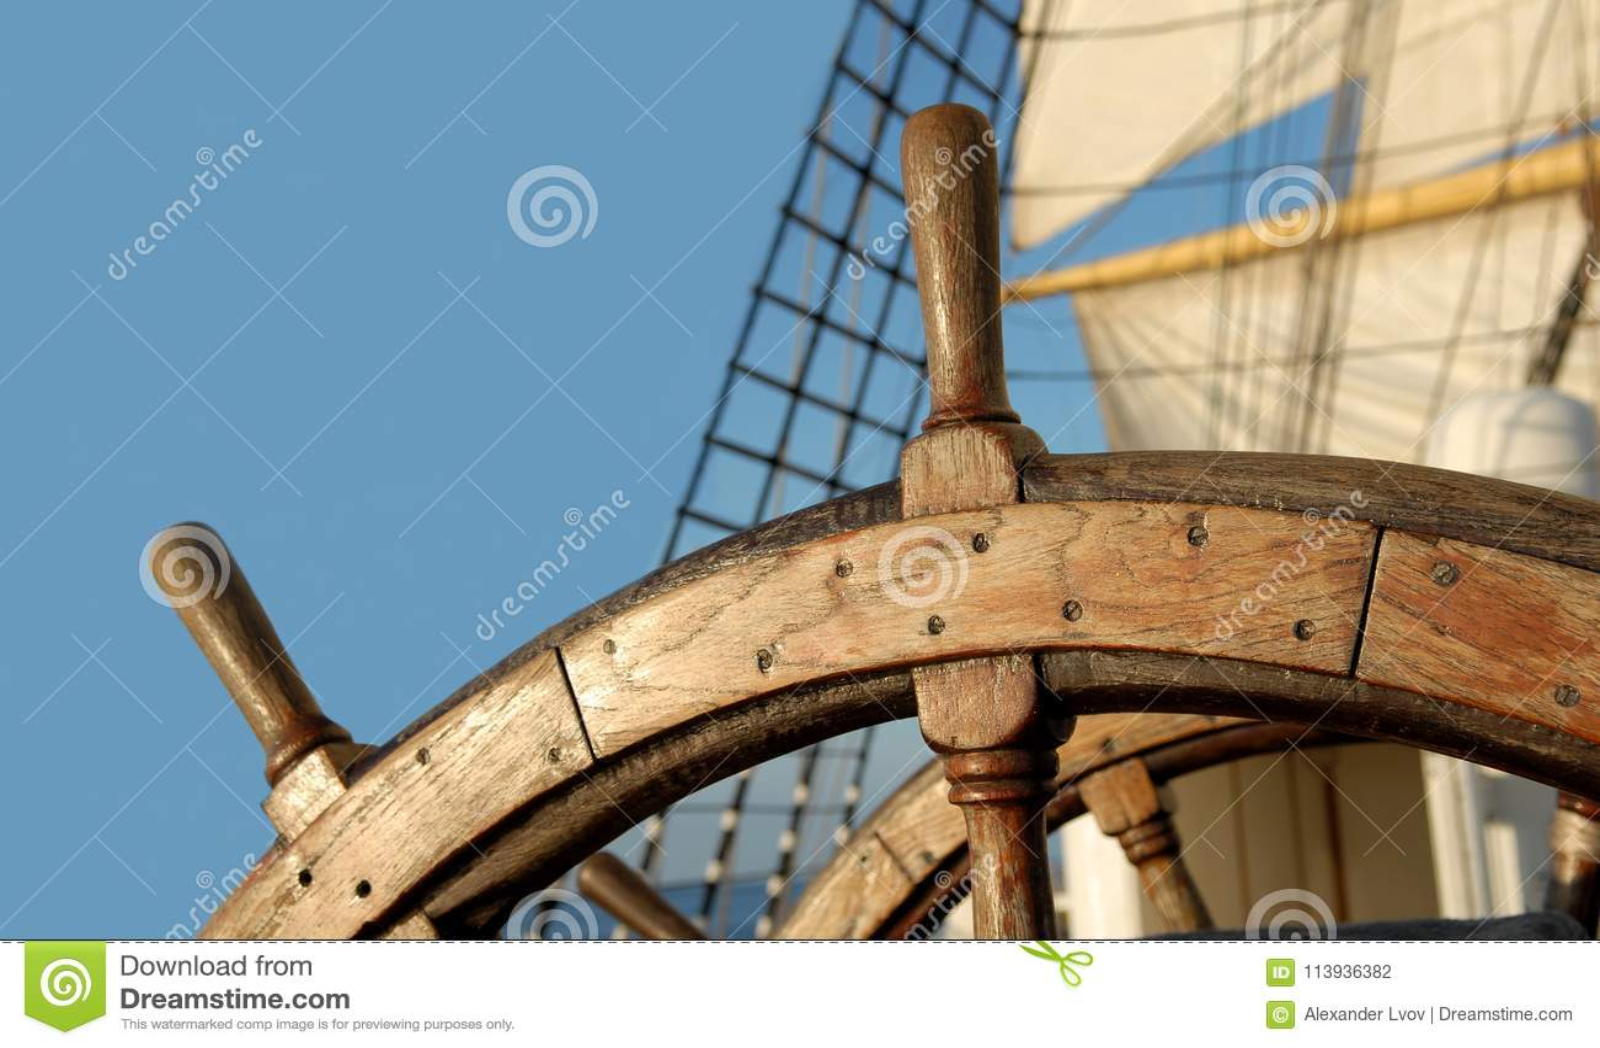 Stuurwiel van een varend schip yachting sailing